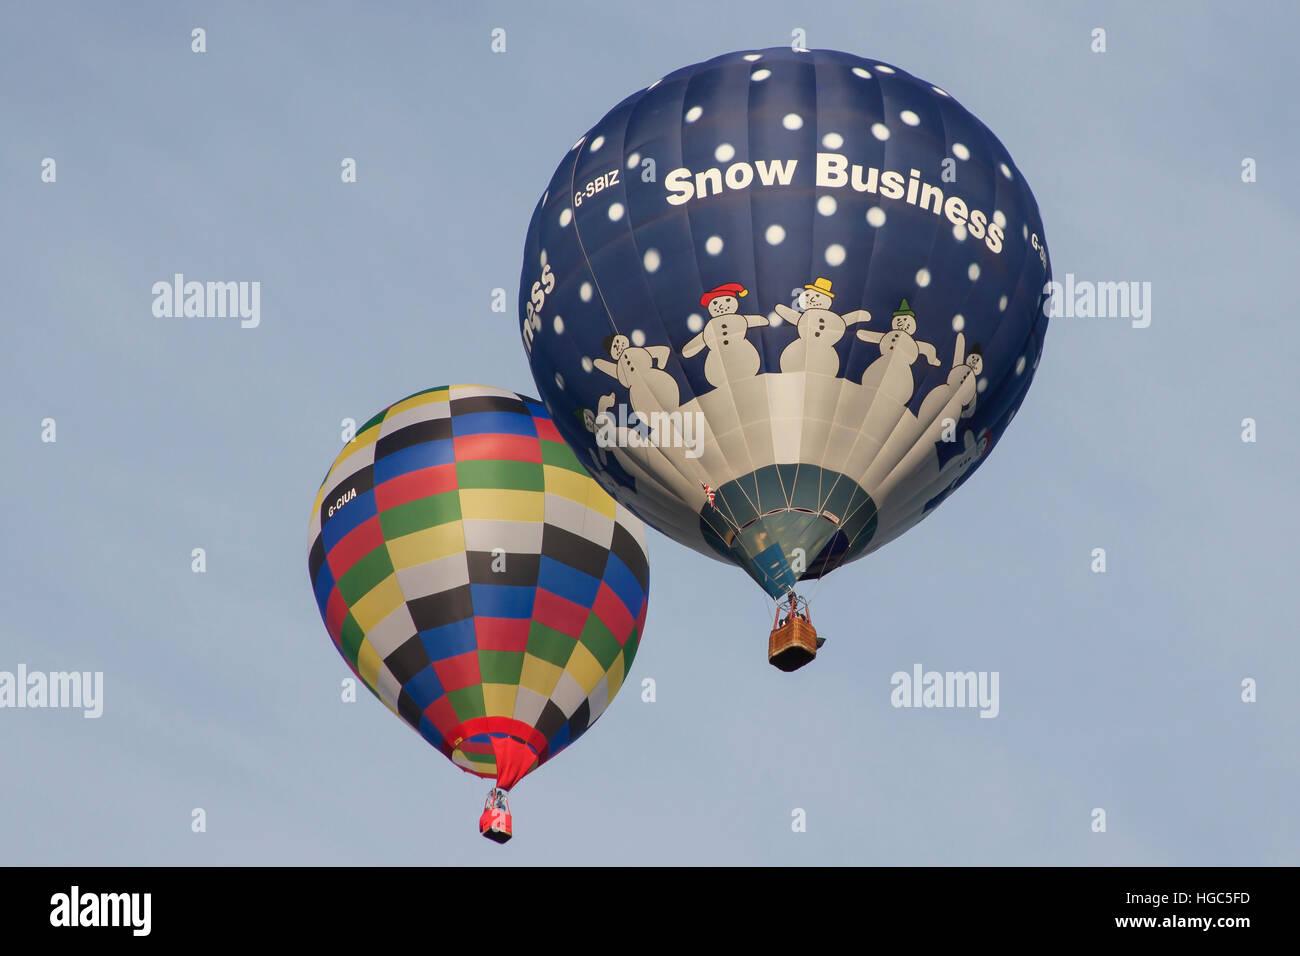 G-SBIZ Cameron Hot Air Balloon de Snow Business de Bristol International Balloon Fiesta 2016 Banque D'Images